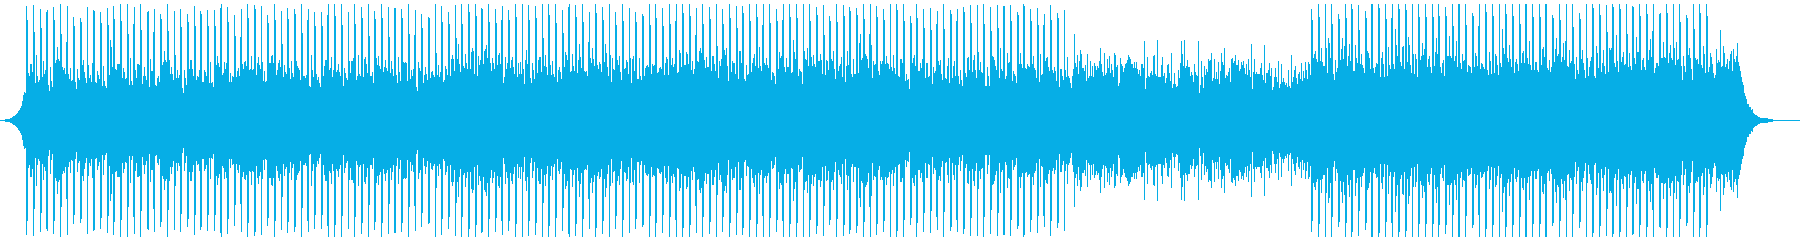 カンファレンスミュージックの再生済みの波形